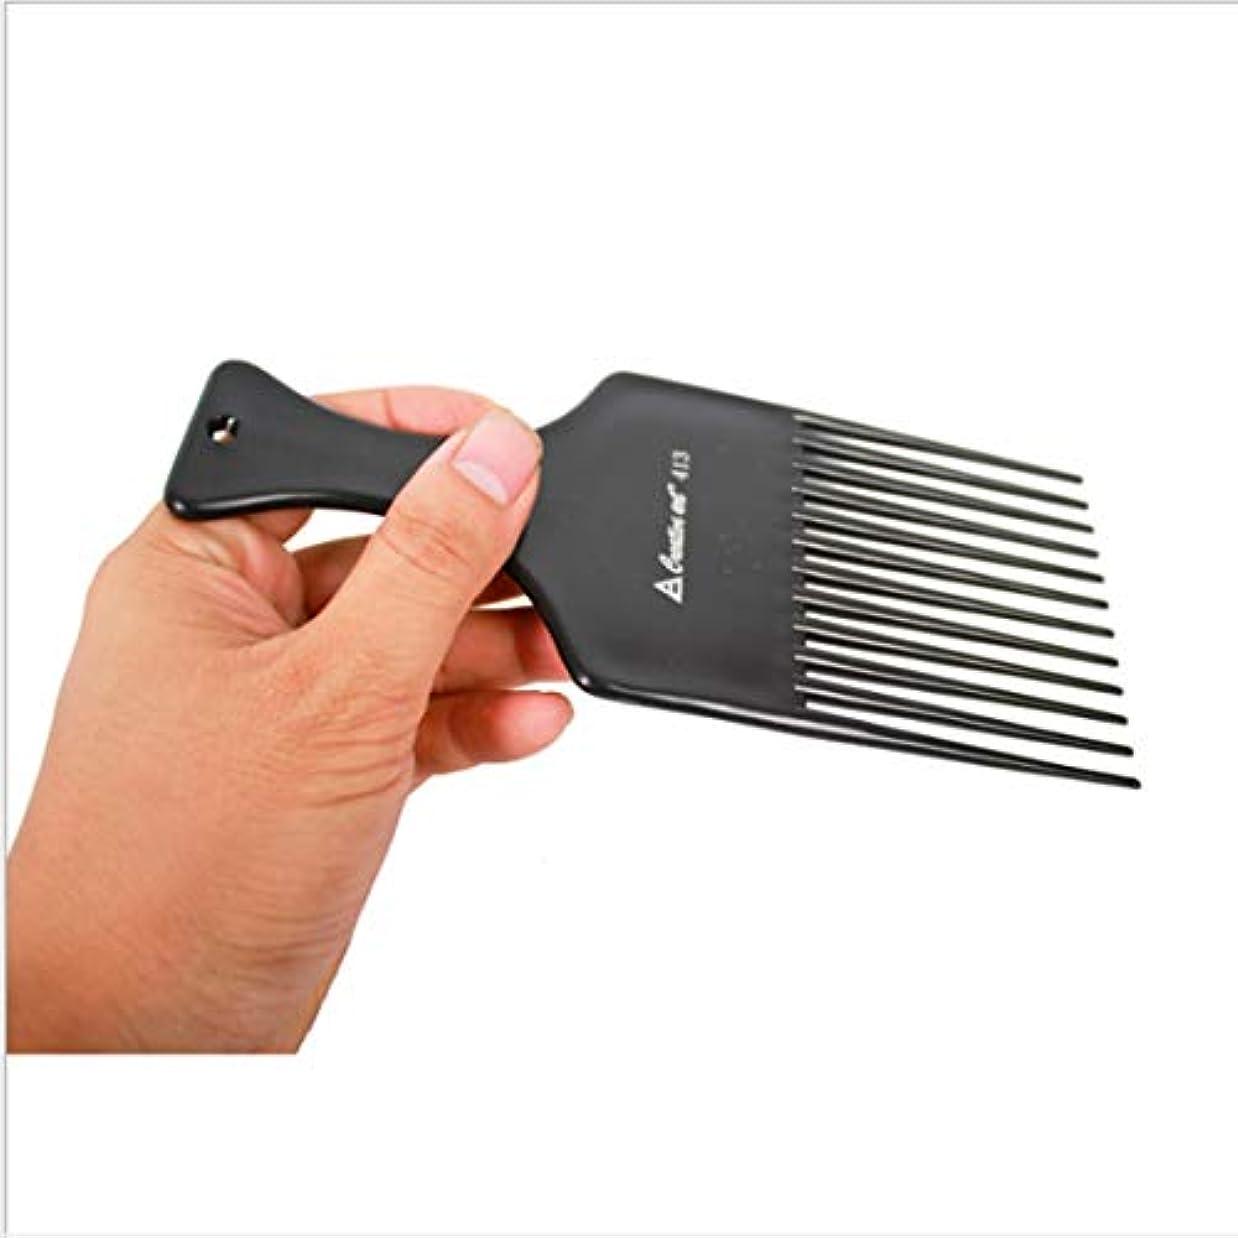 びっくりストロークホステスGuomao 理髪師のフォーク-7inchの長さのための滑らかな毛の調整の熊手の櫛 (色 : 黒)